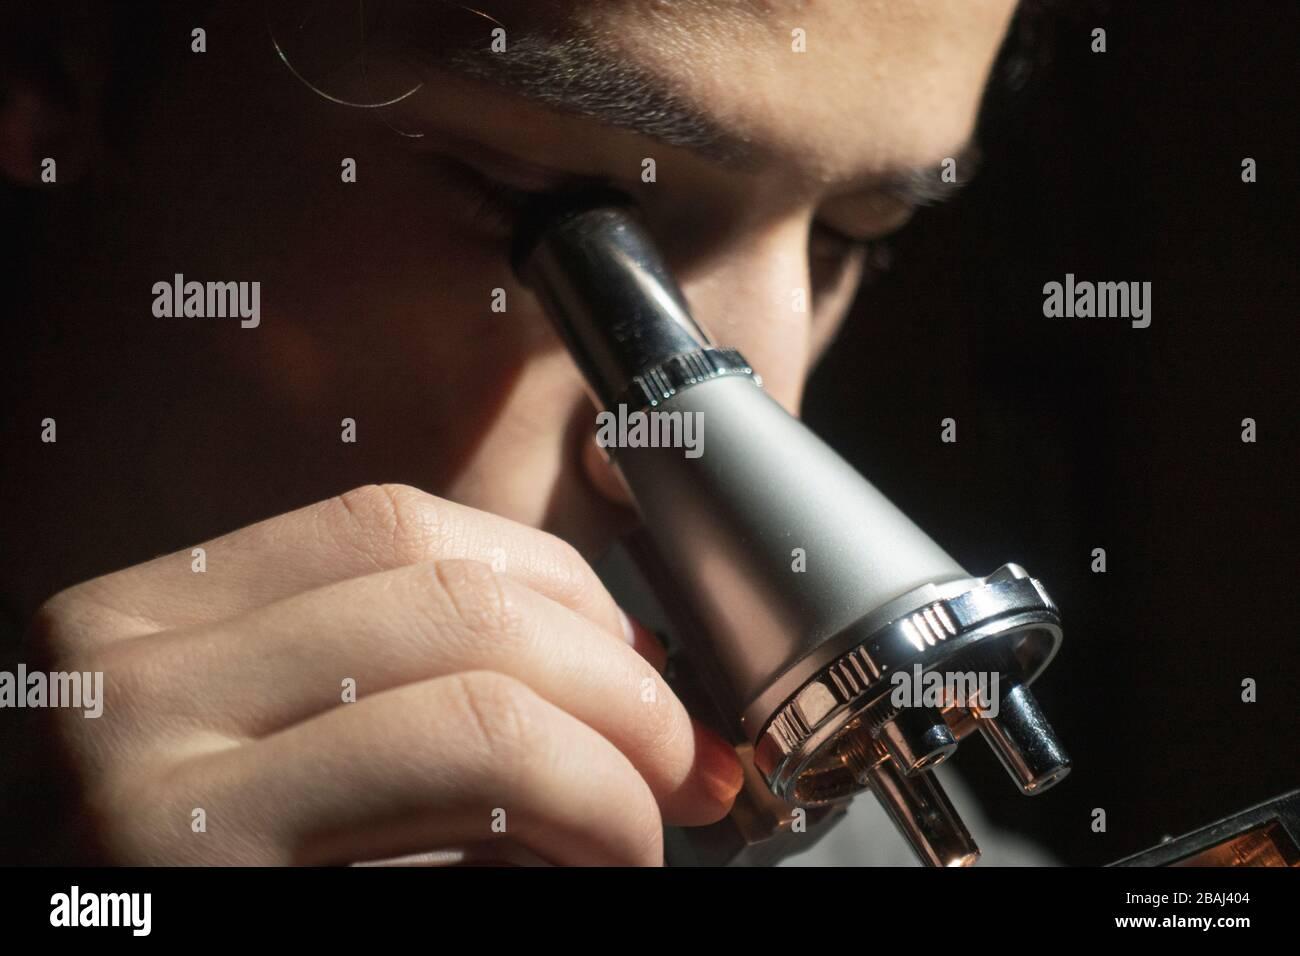 Jeune étudiant en sciences faisant de la recherche regardant par son microscope tard dans la nuit à sa maison Banque D'Images